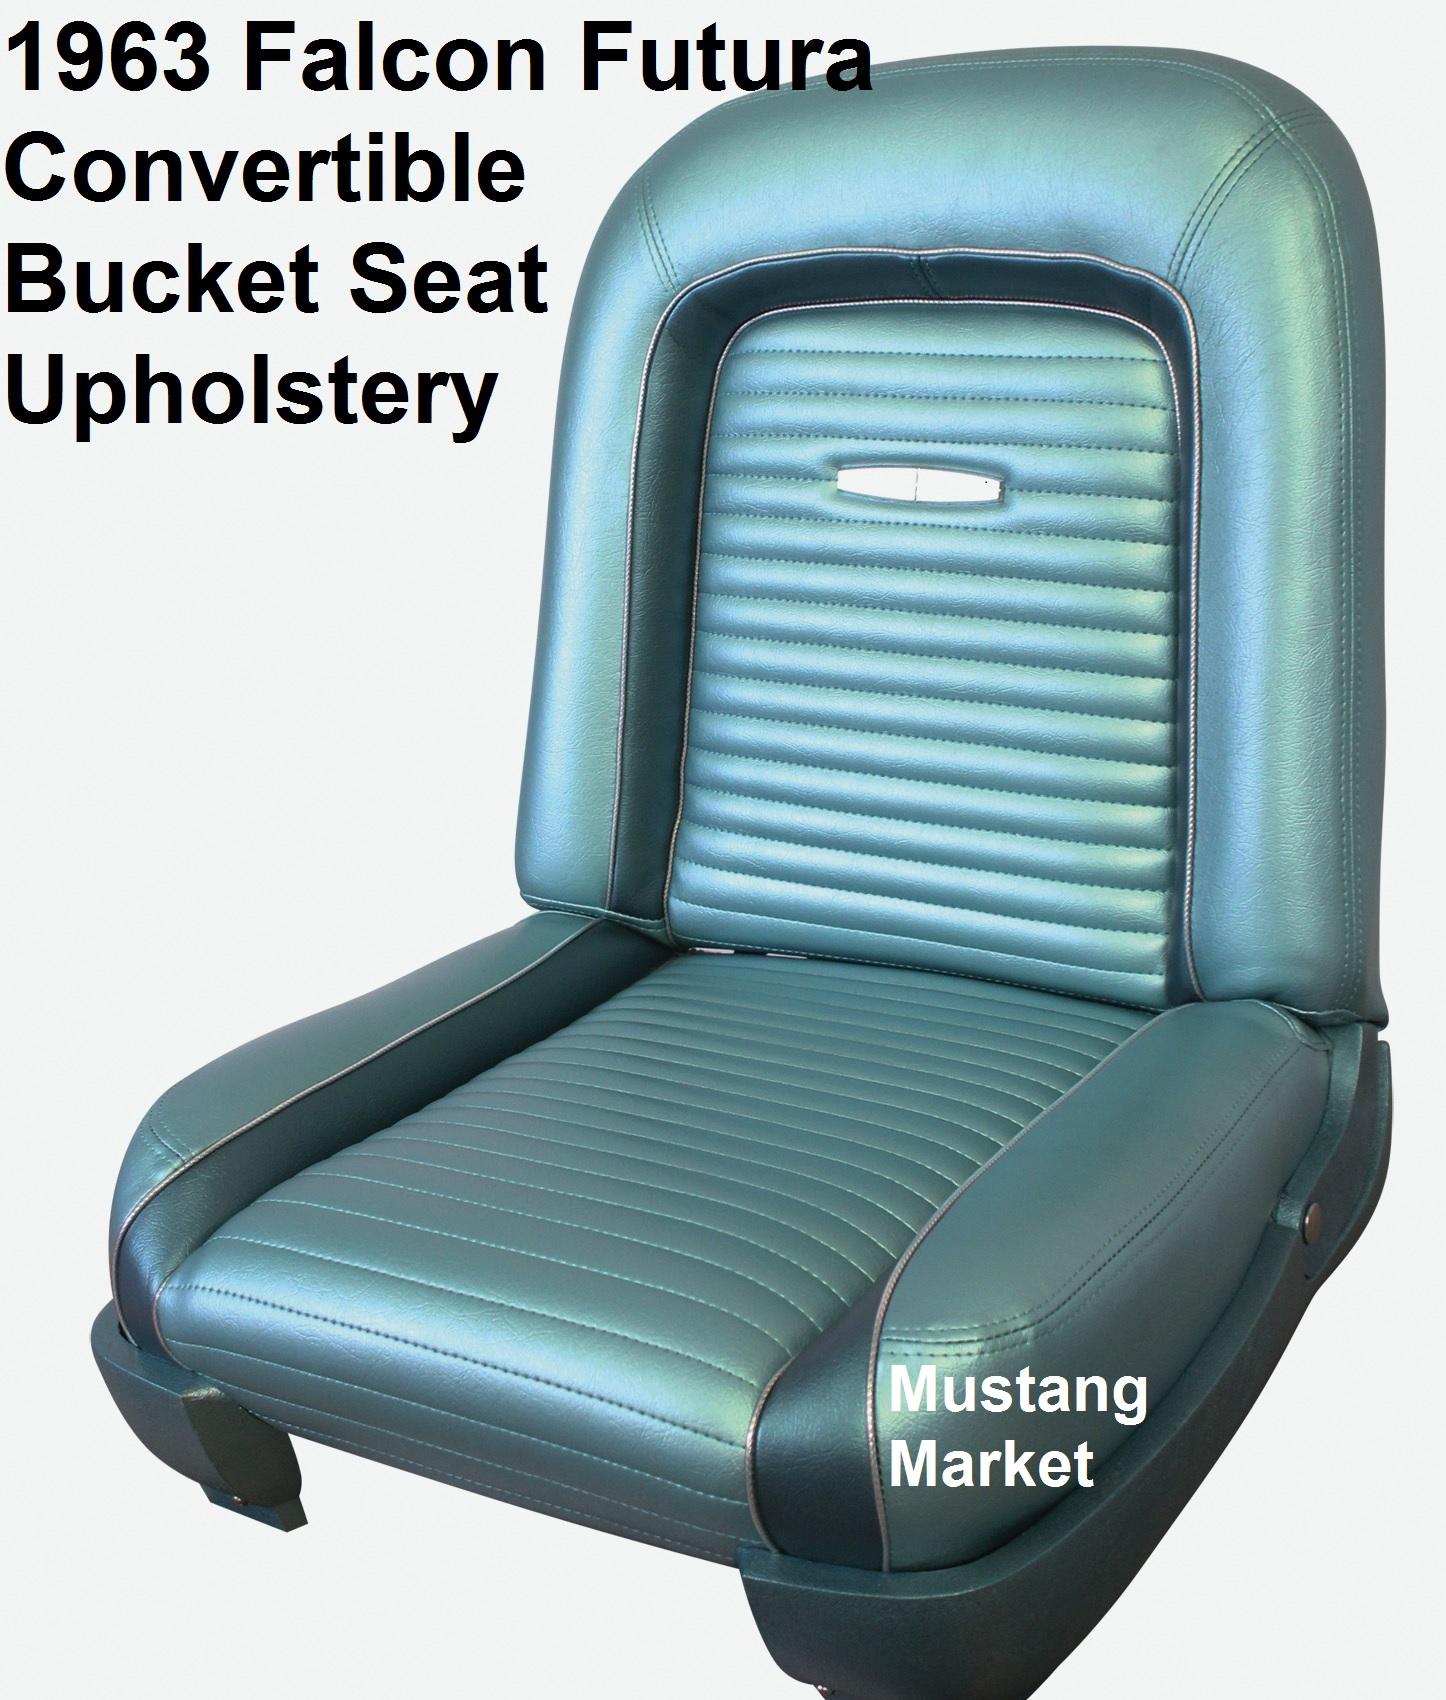 1963 63 Falcon Futura Bucket Seat Upholstery